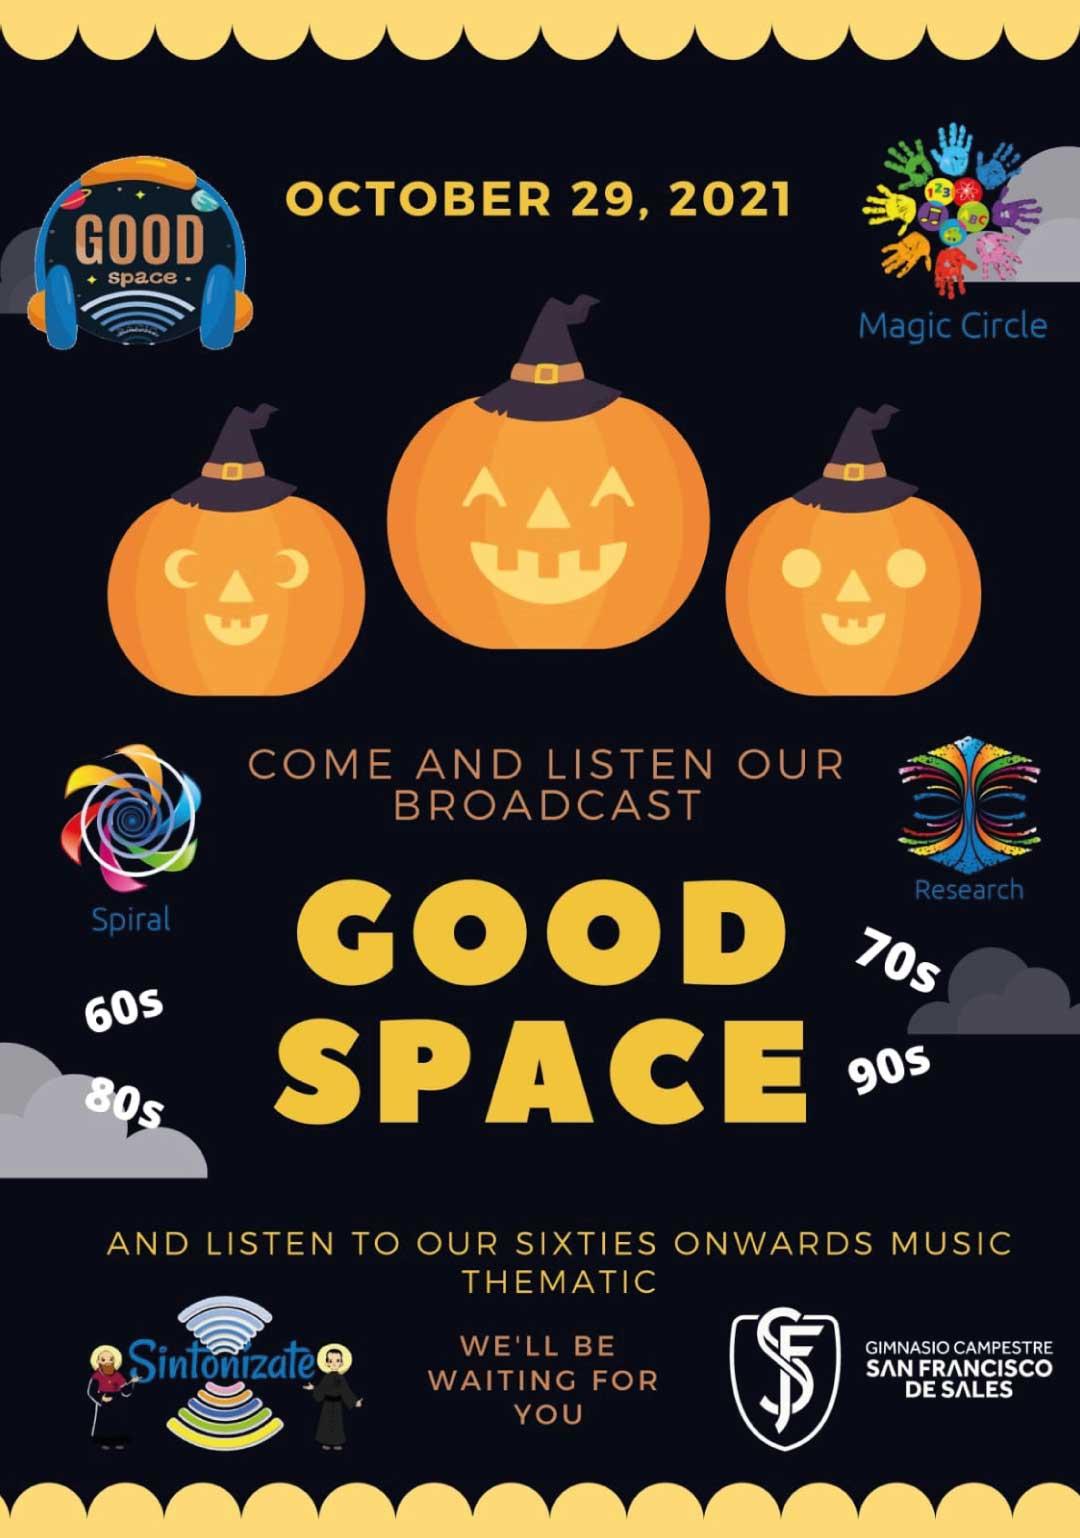 post-good-space-octubre